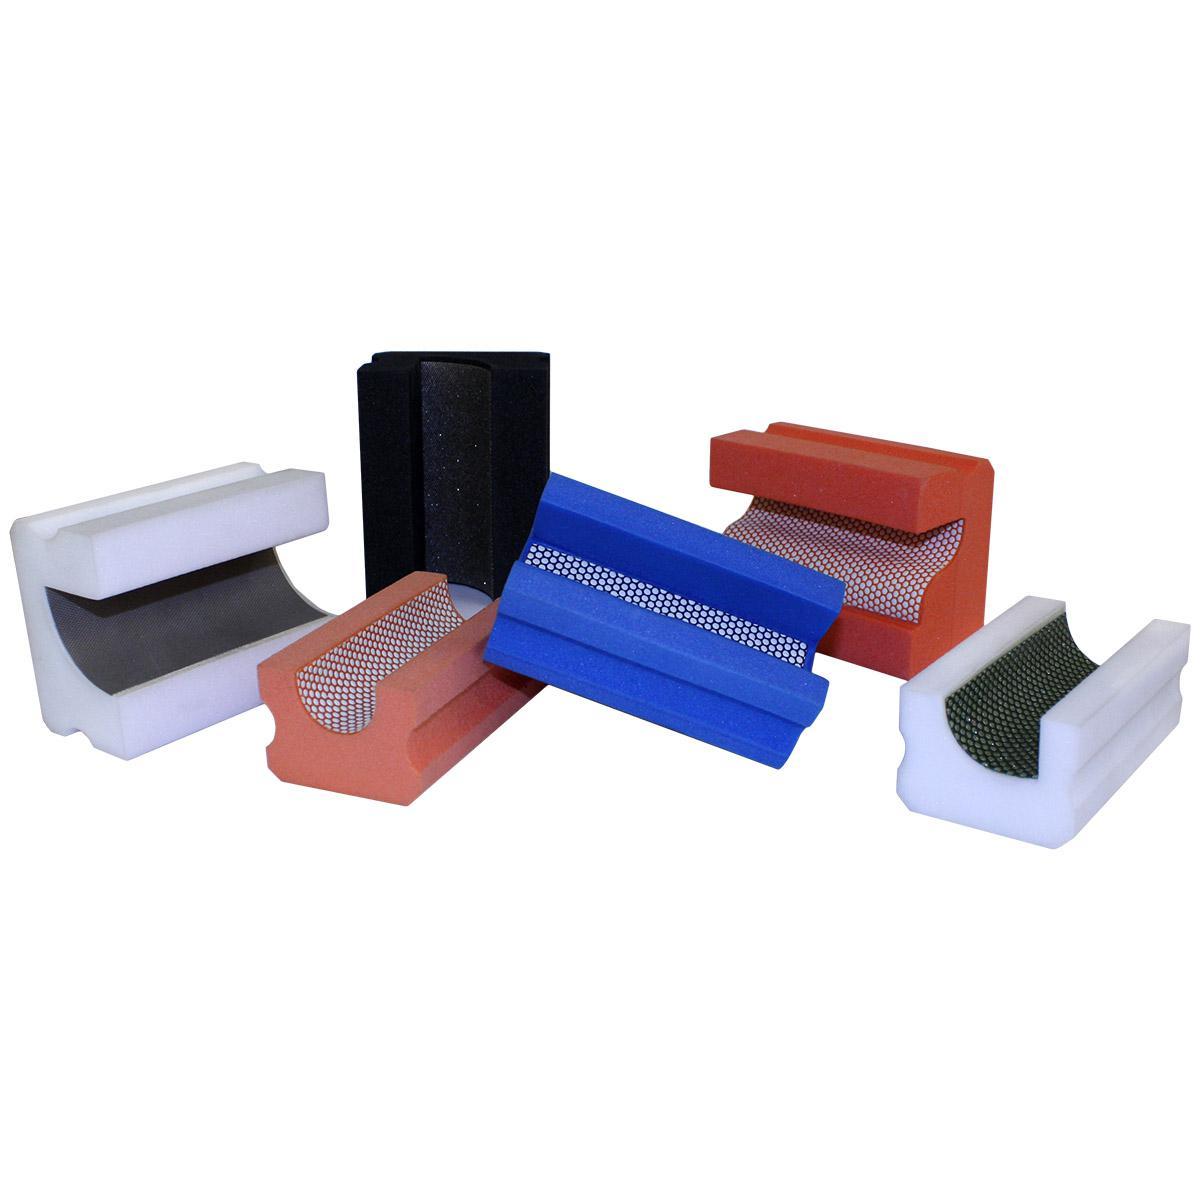 Затир ручной (профиль B) h-30 мм, зерно 1000 (синяя, полимер)